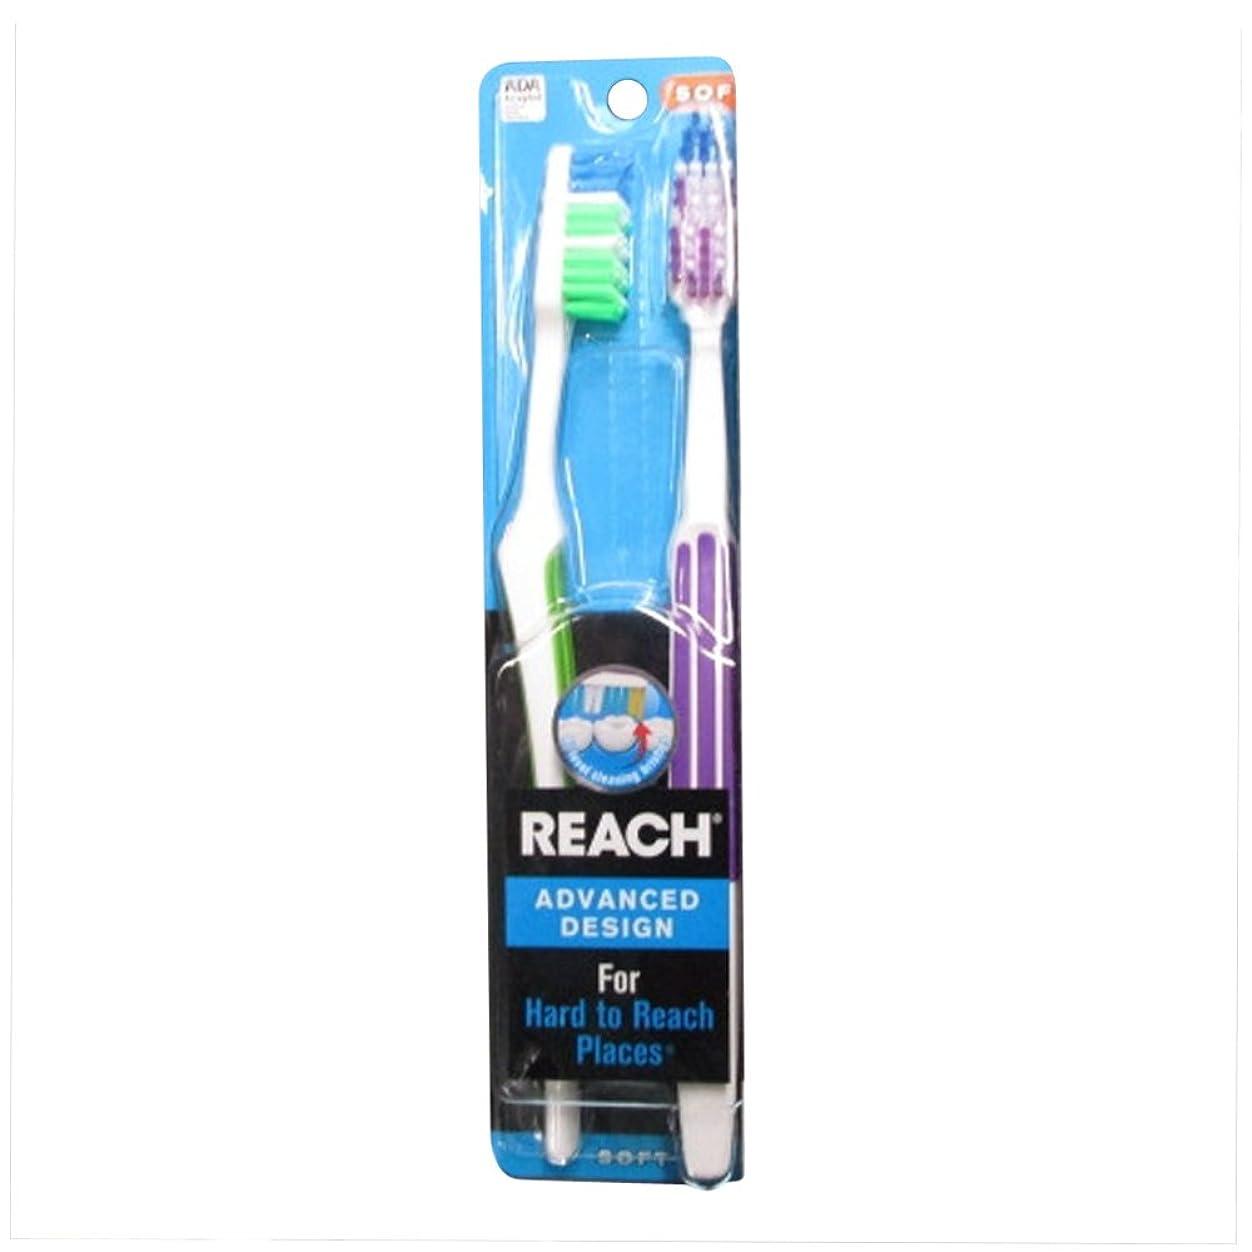 醸造所ダイエット雪だるまを作るReach 高度なデザイン完全な頭部柔らかい歯ブラシ、盛り合わせ色、2カウント(2パック)合計4歯ブラシ